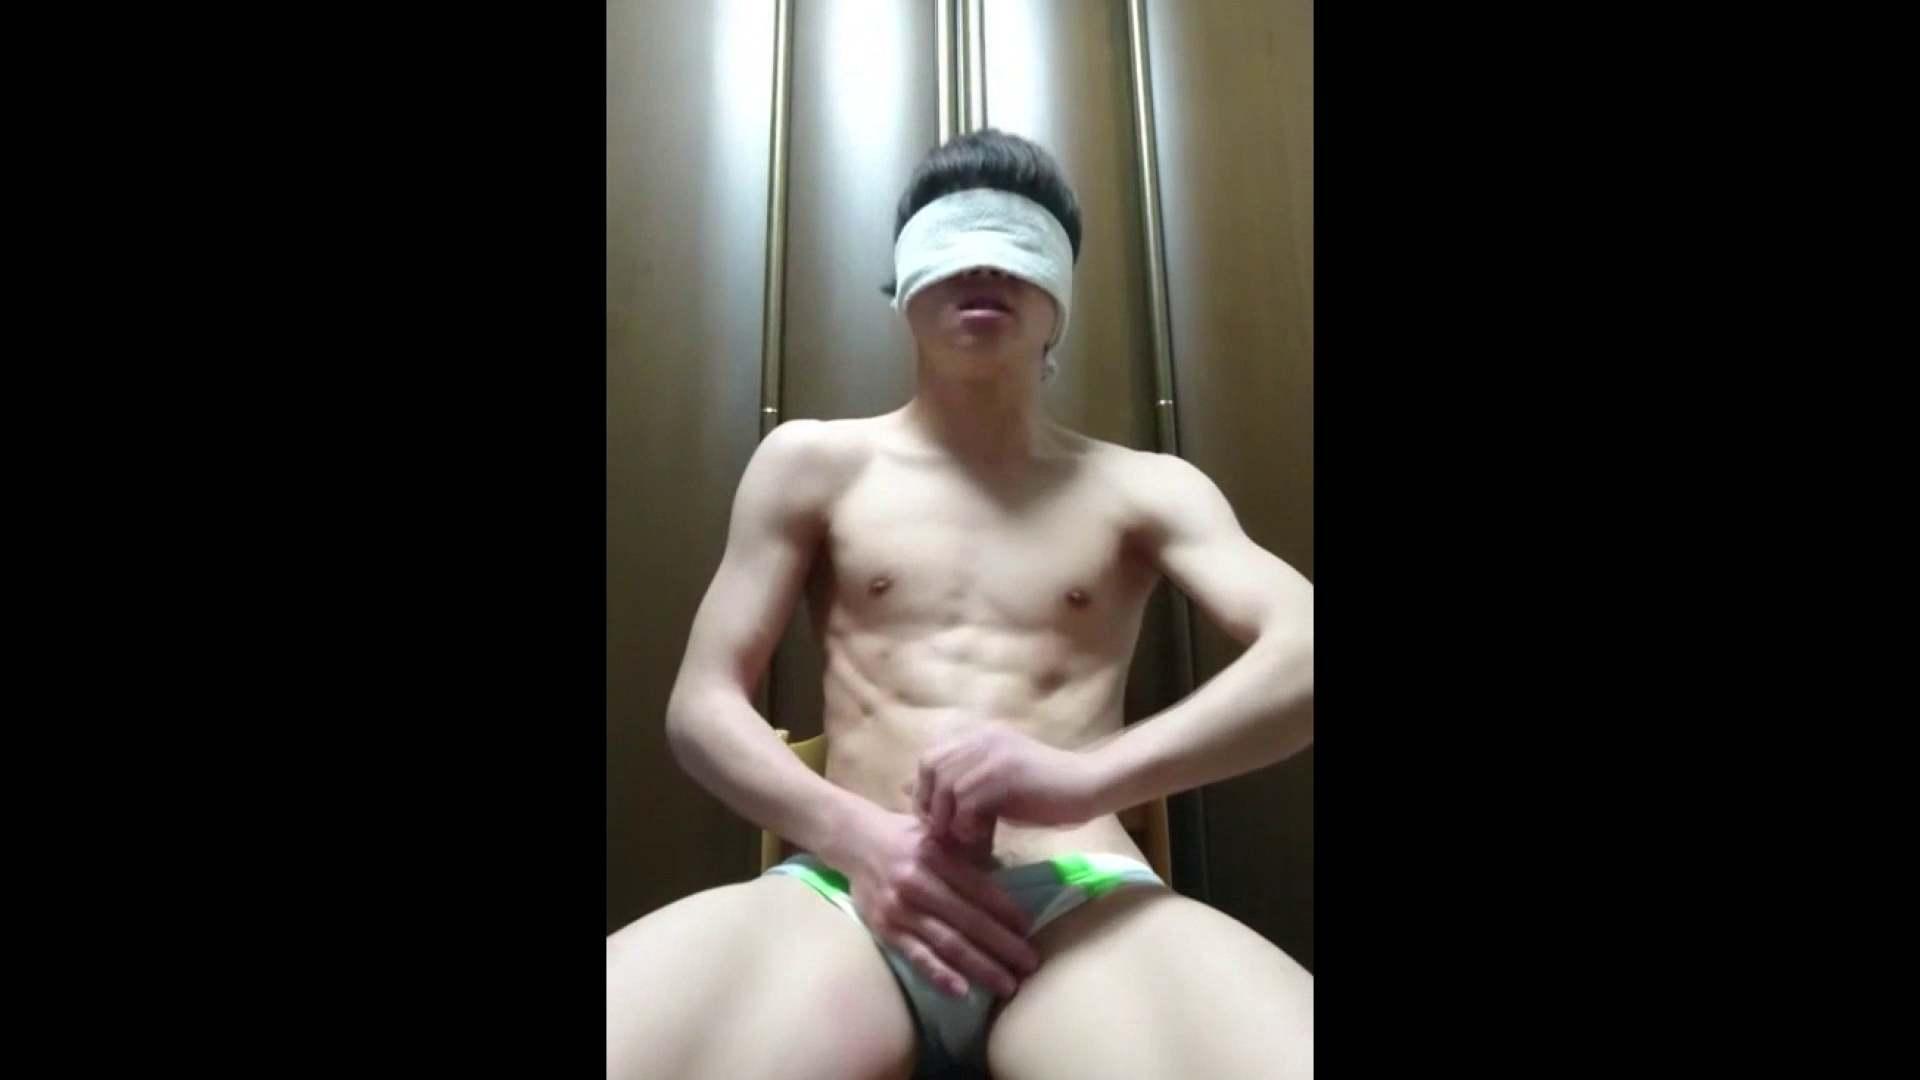 個人撮影 自慰の極意 Vol.21 ゲイのオナニー映像 ゲイセックス画像 107枚 62